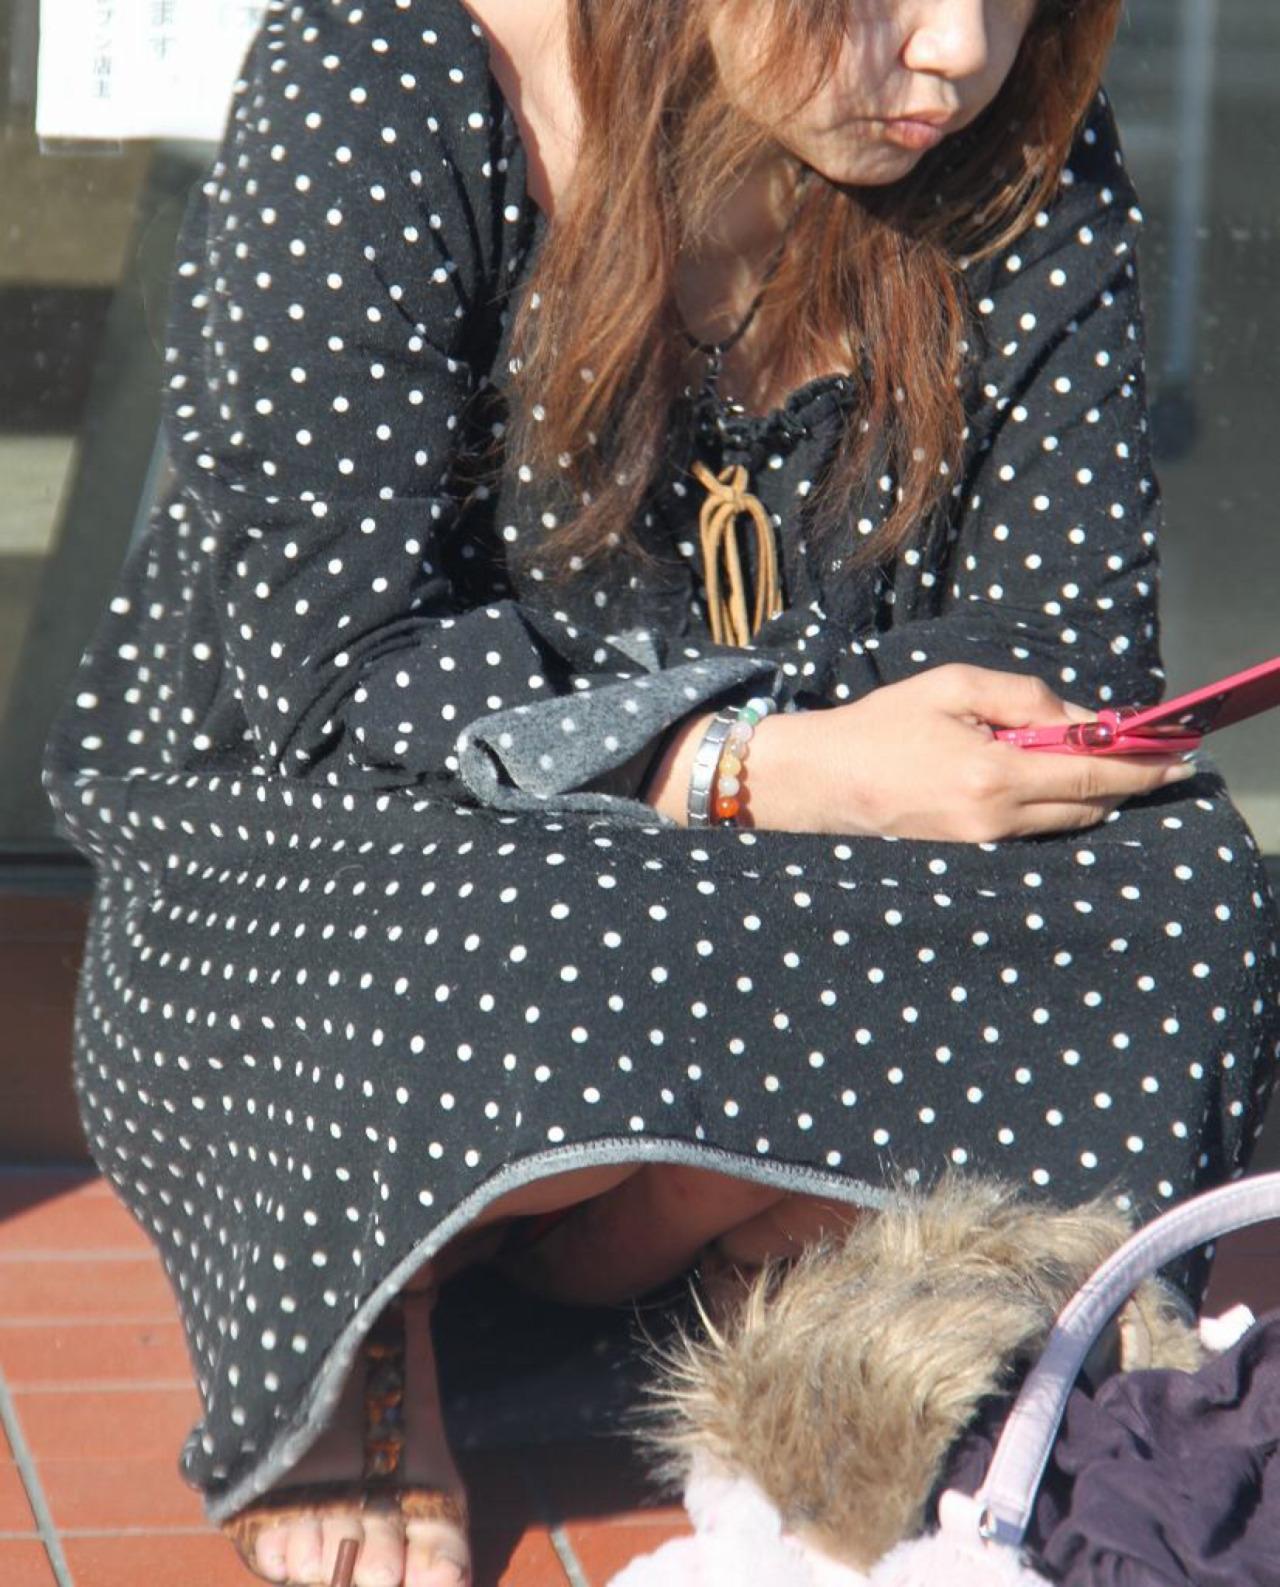 【パンチラエロ画像】そんな簡単でいいの?見せ過ぎ傾向な座りチラ女子www 10